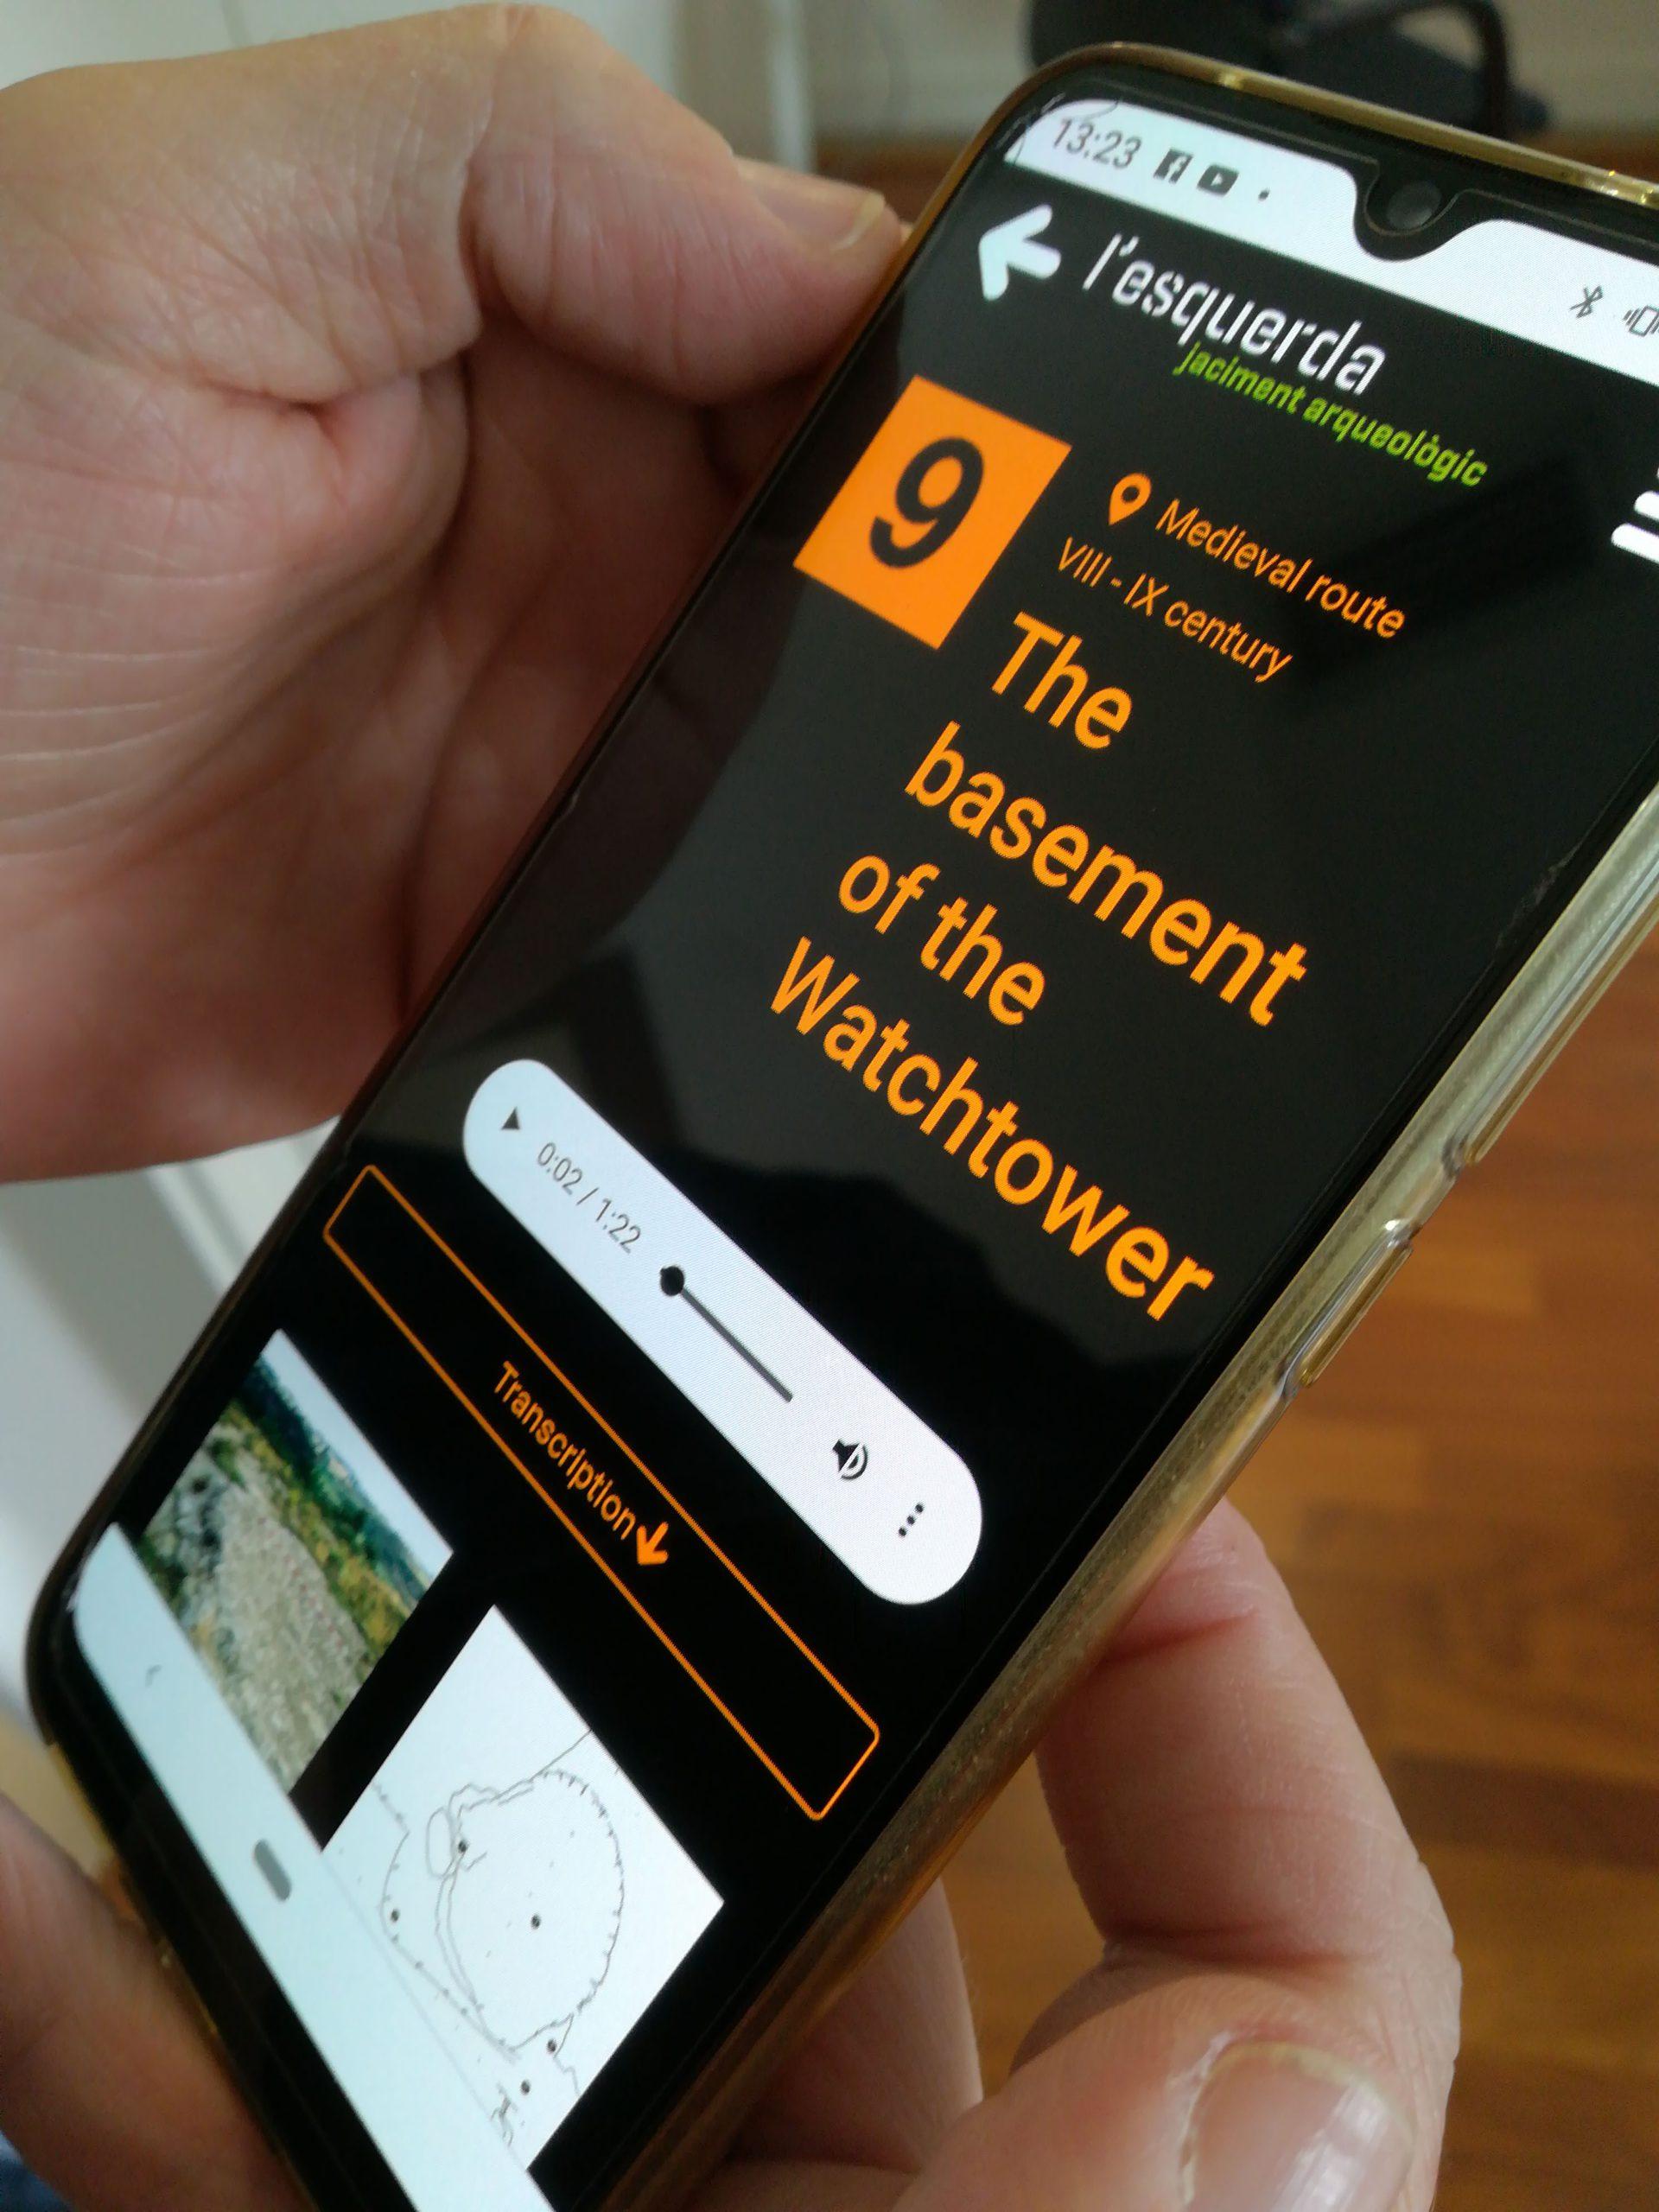 Imatge de la guia digital del Jaciment Arqueològic de l'Esquerda, a la qual s'hi pot accedir a través del mateix mòbil